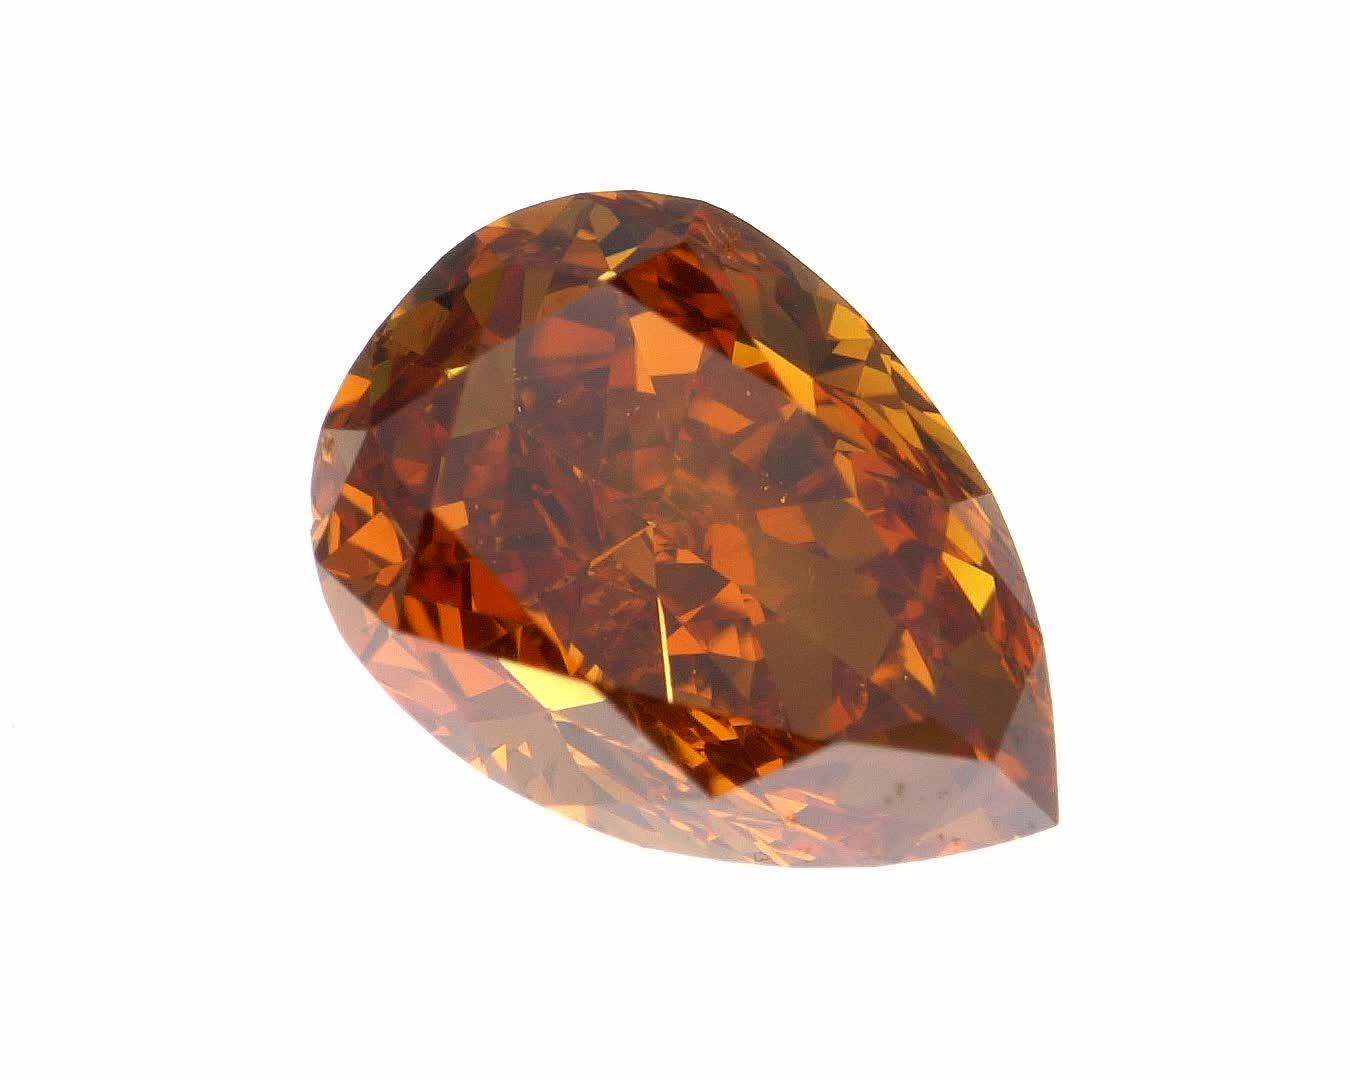 יהלום בגוון כתום חום טבעי 0.45 קראט GIA